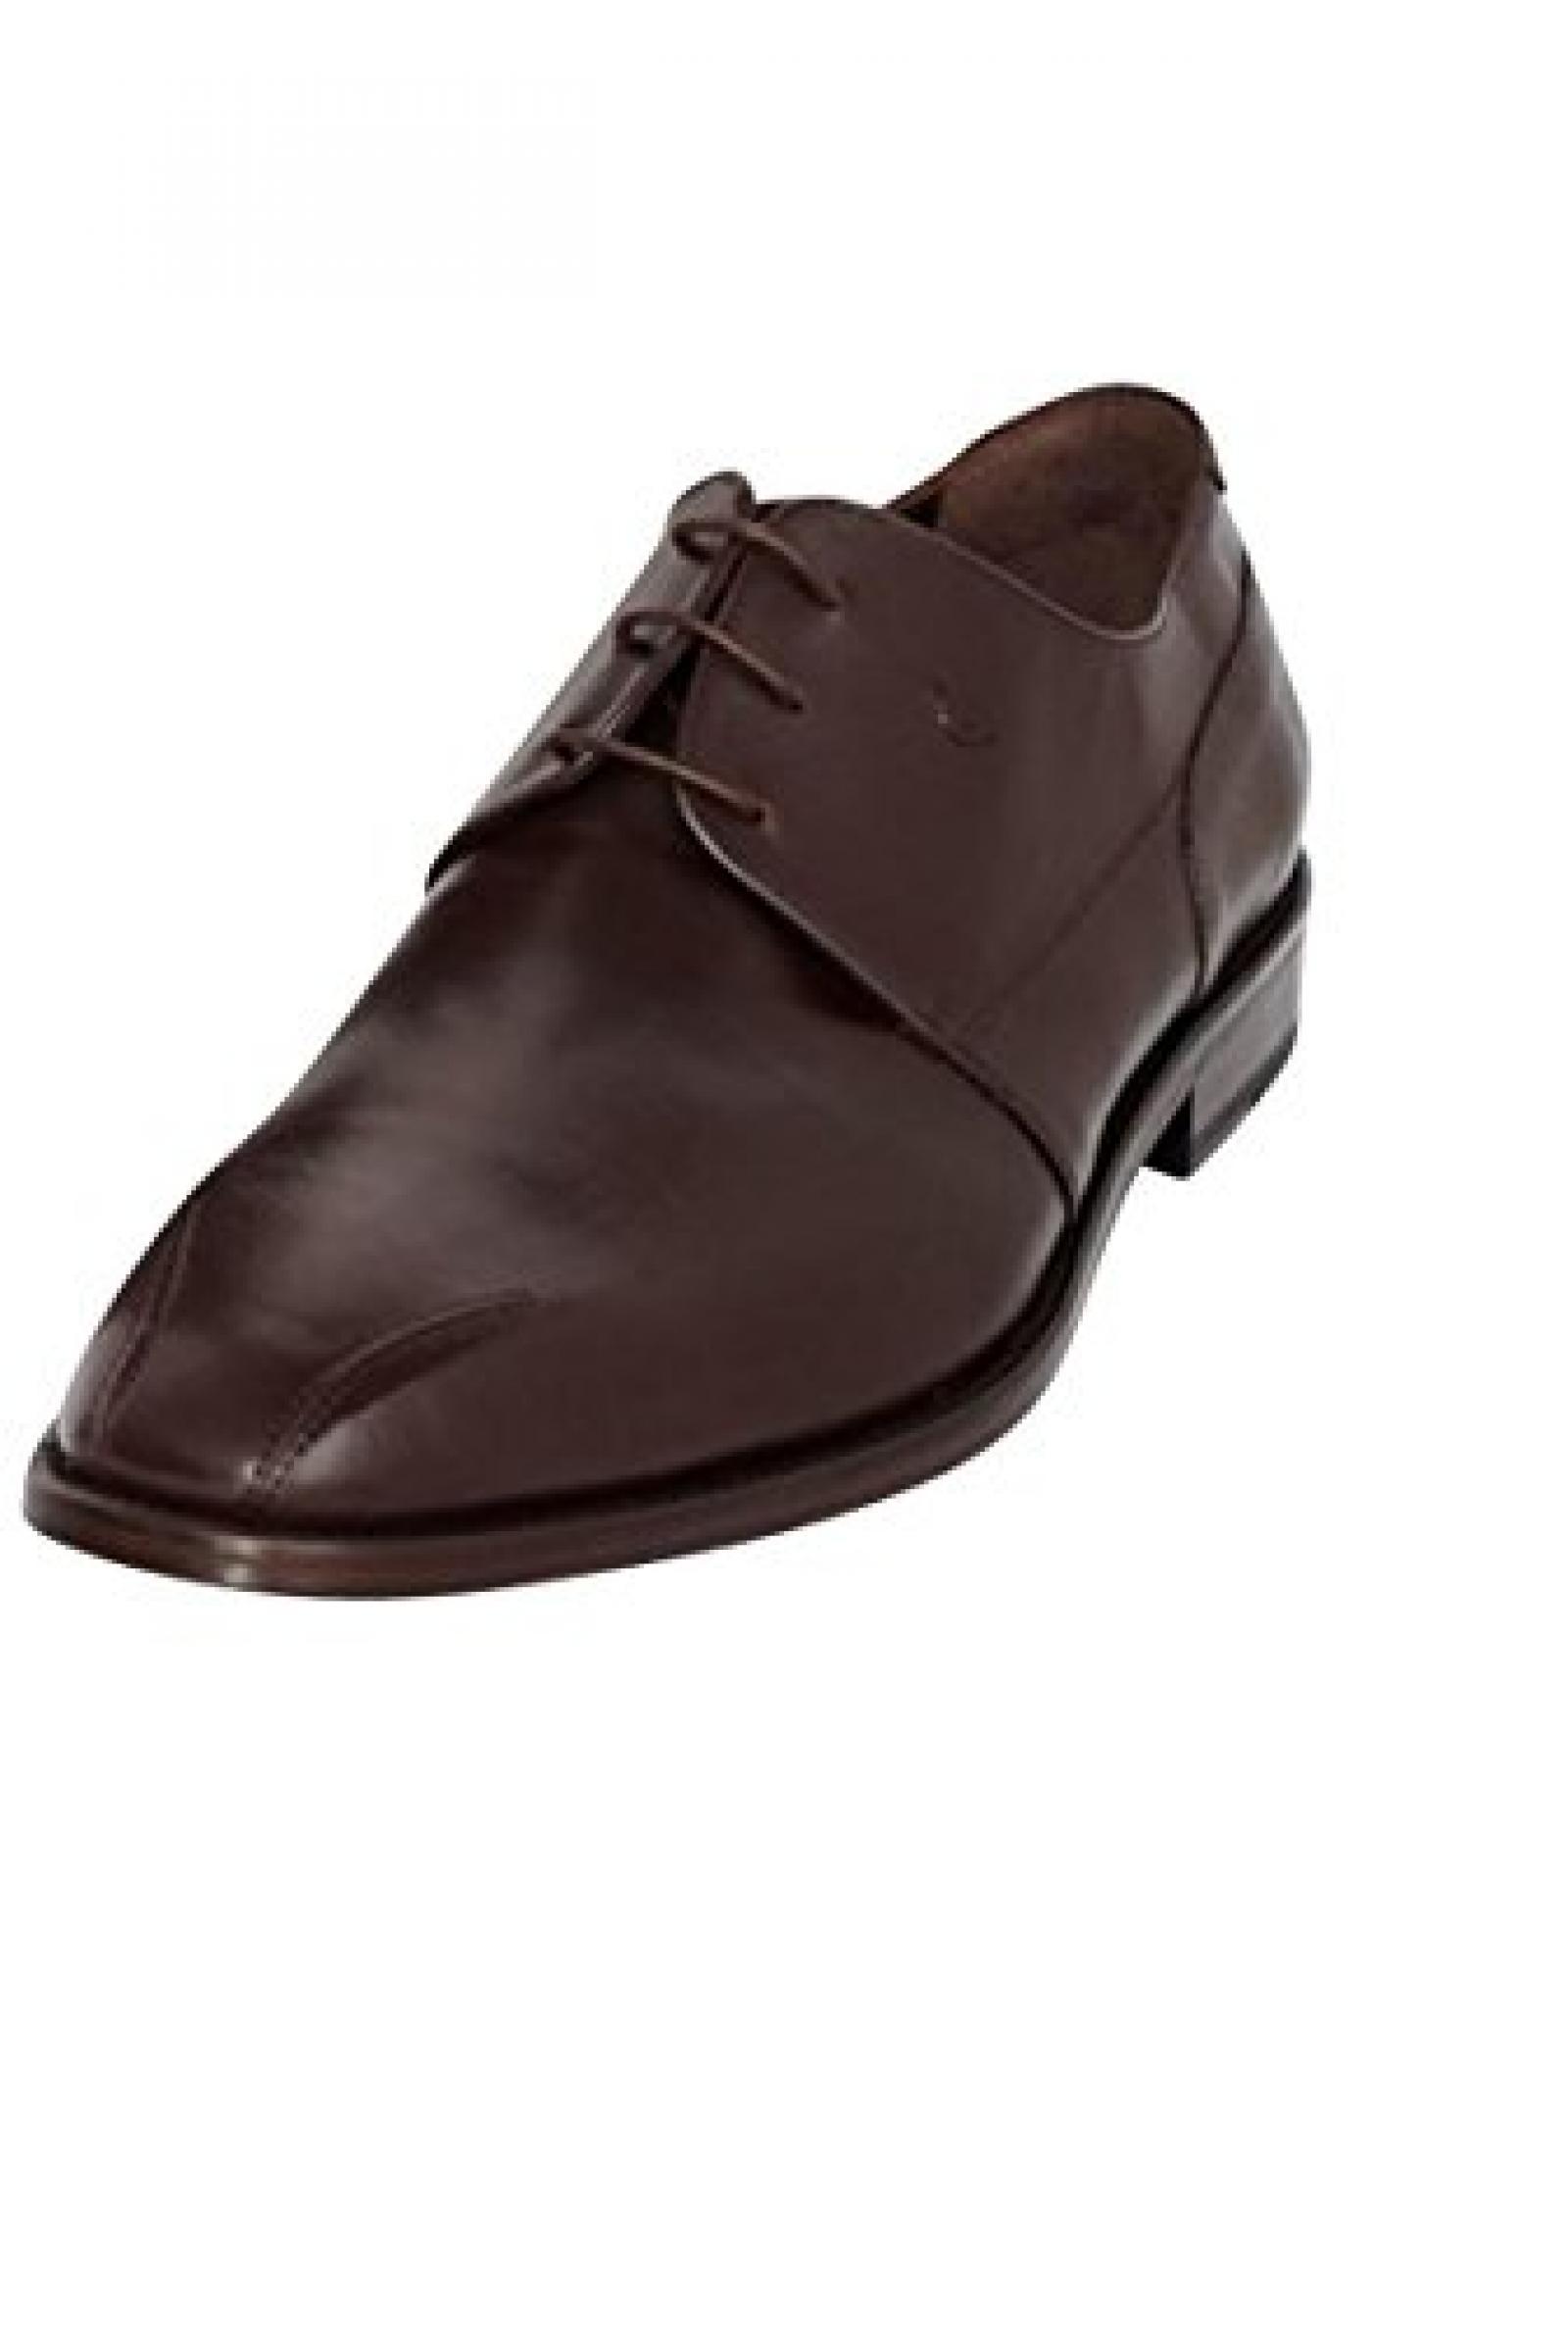 braunem Leder Mann Schuhe